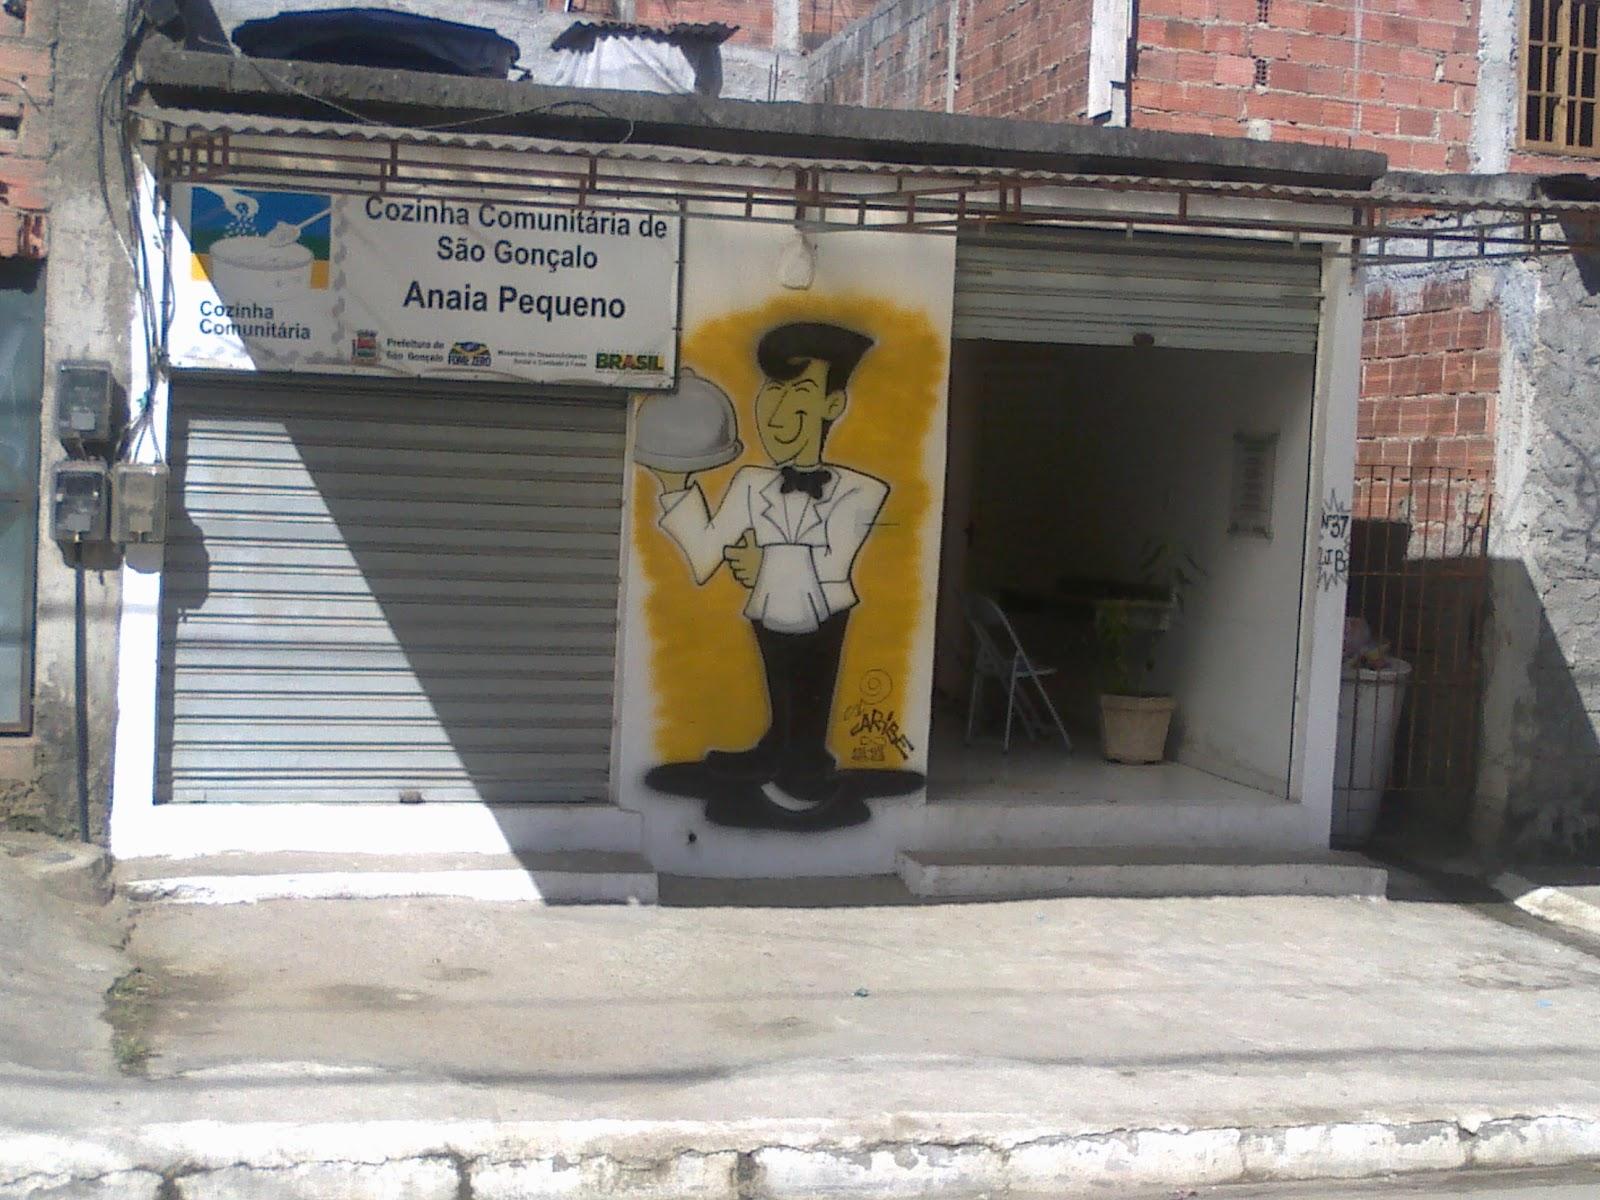 #7B6331 Cozinha Comunitária do Arsenal 1600x1200 px Projeto Cozinha Comunitária Governo Federal_4147 Imagens